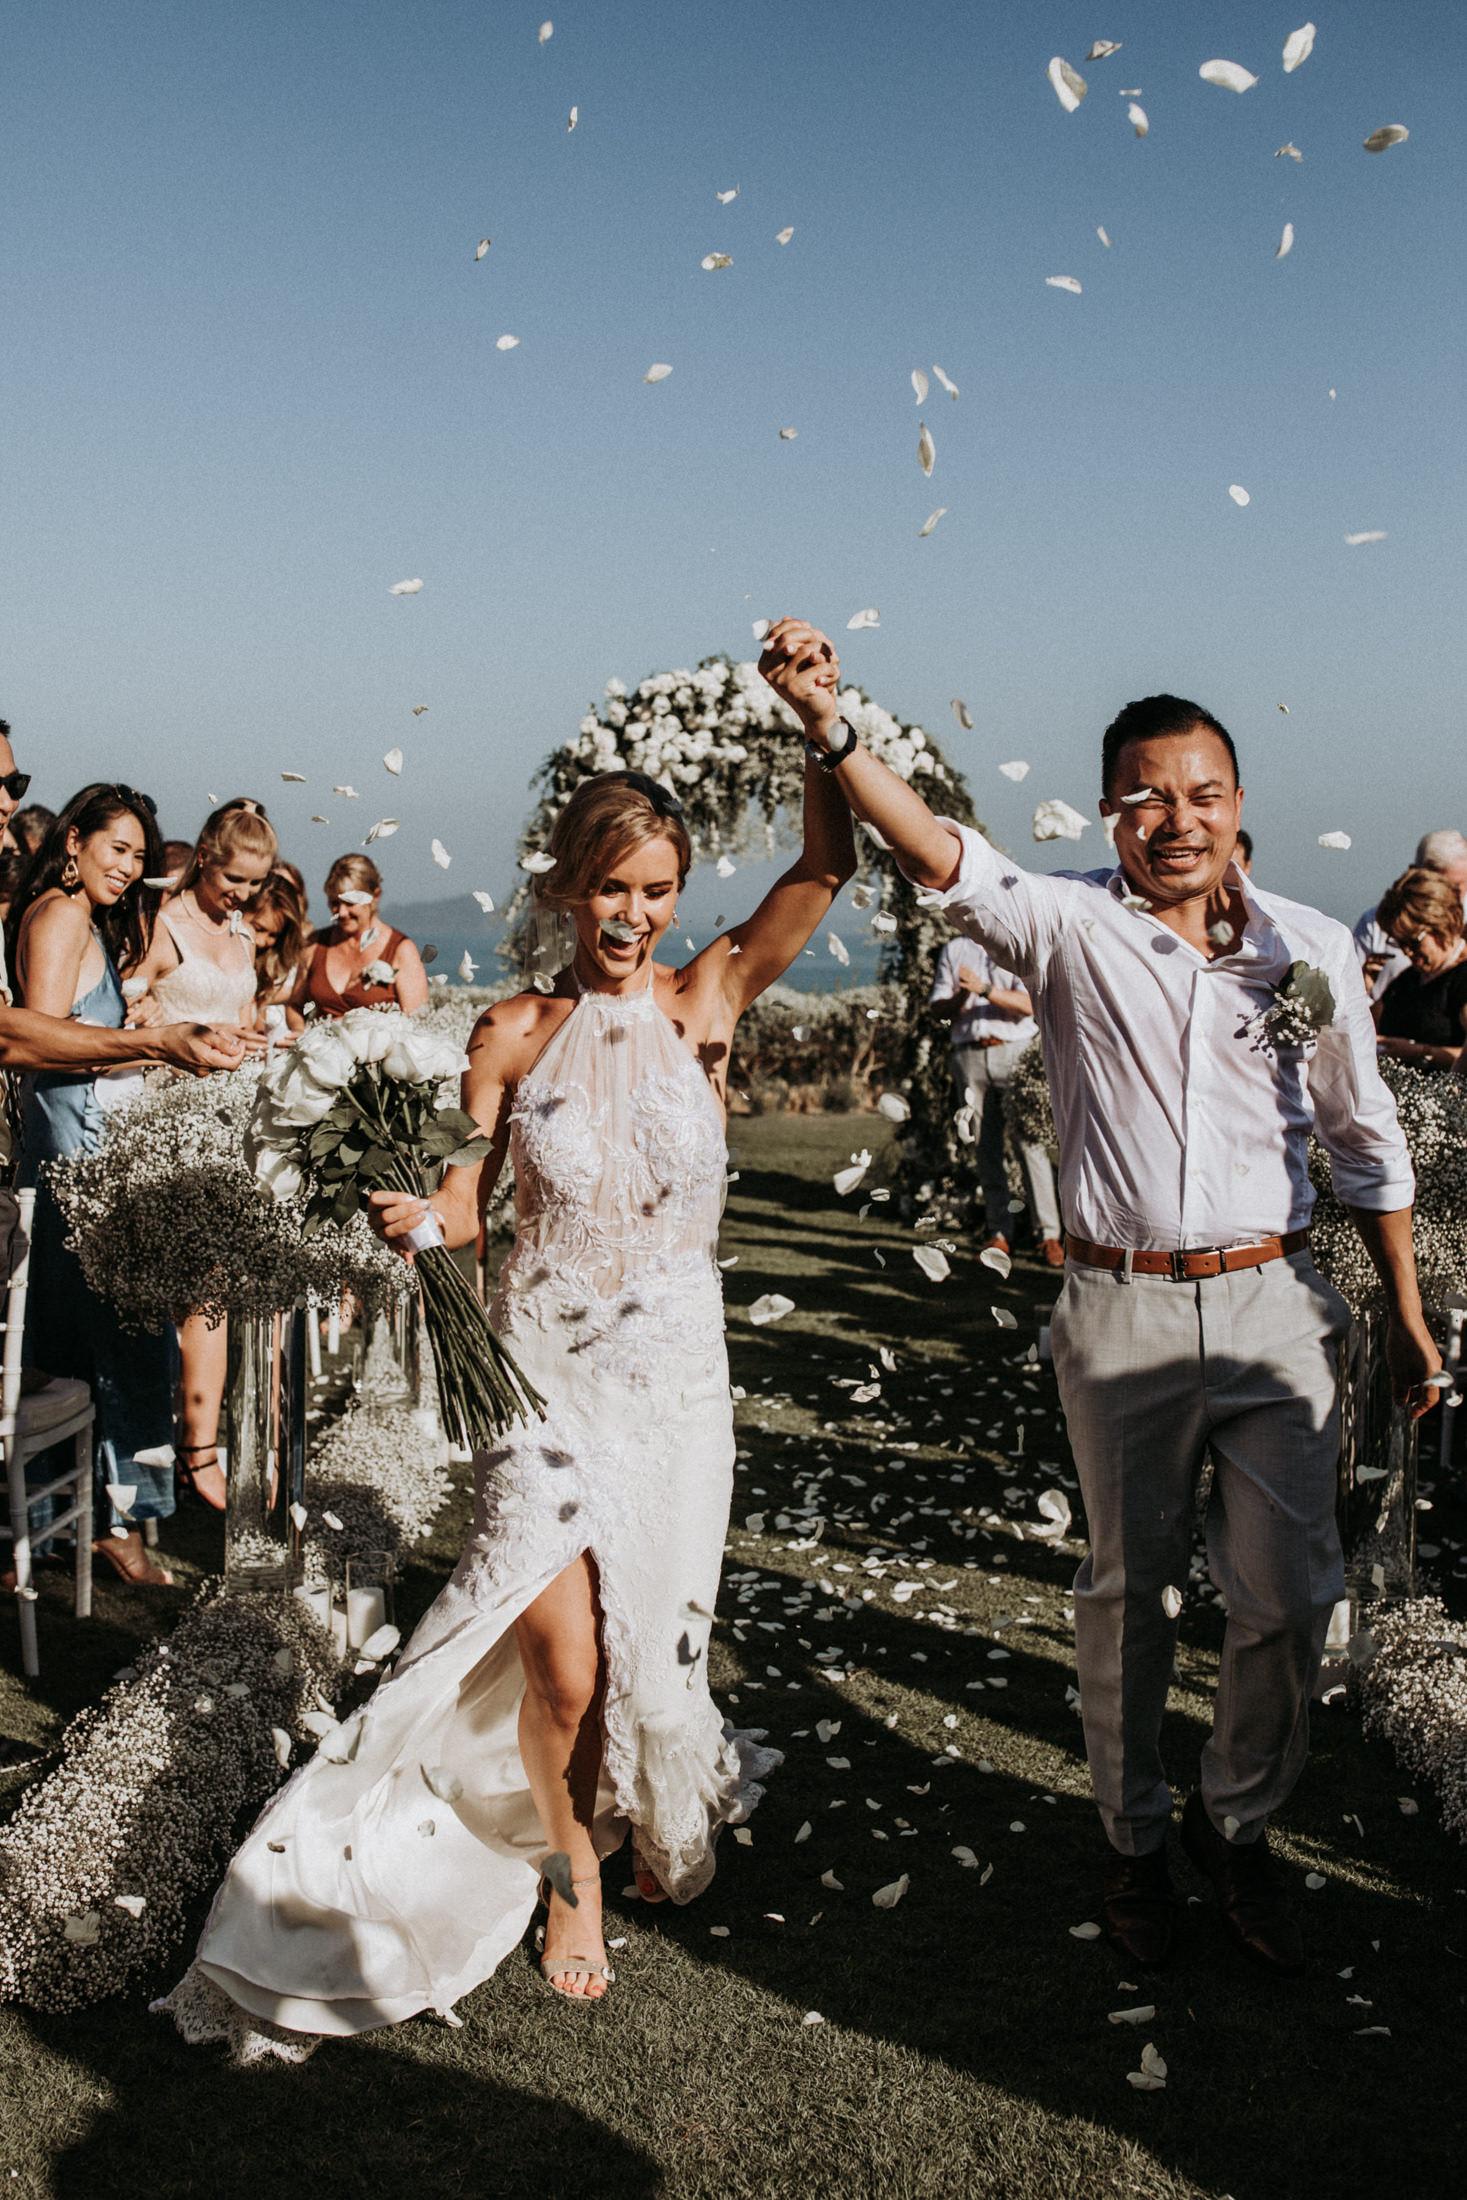 DanielaMarquardt_Wedding_Thailand_263